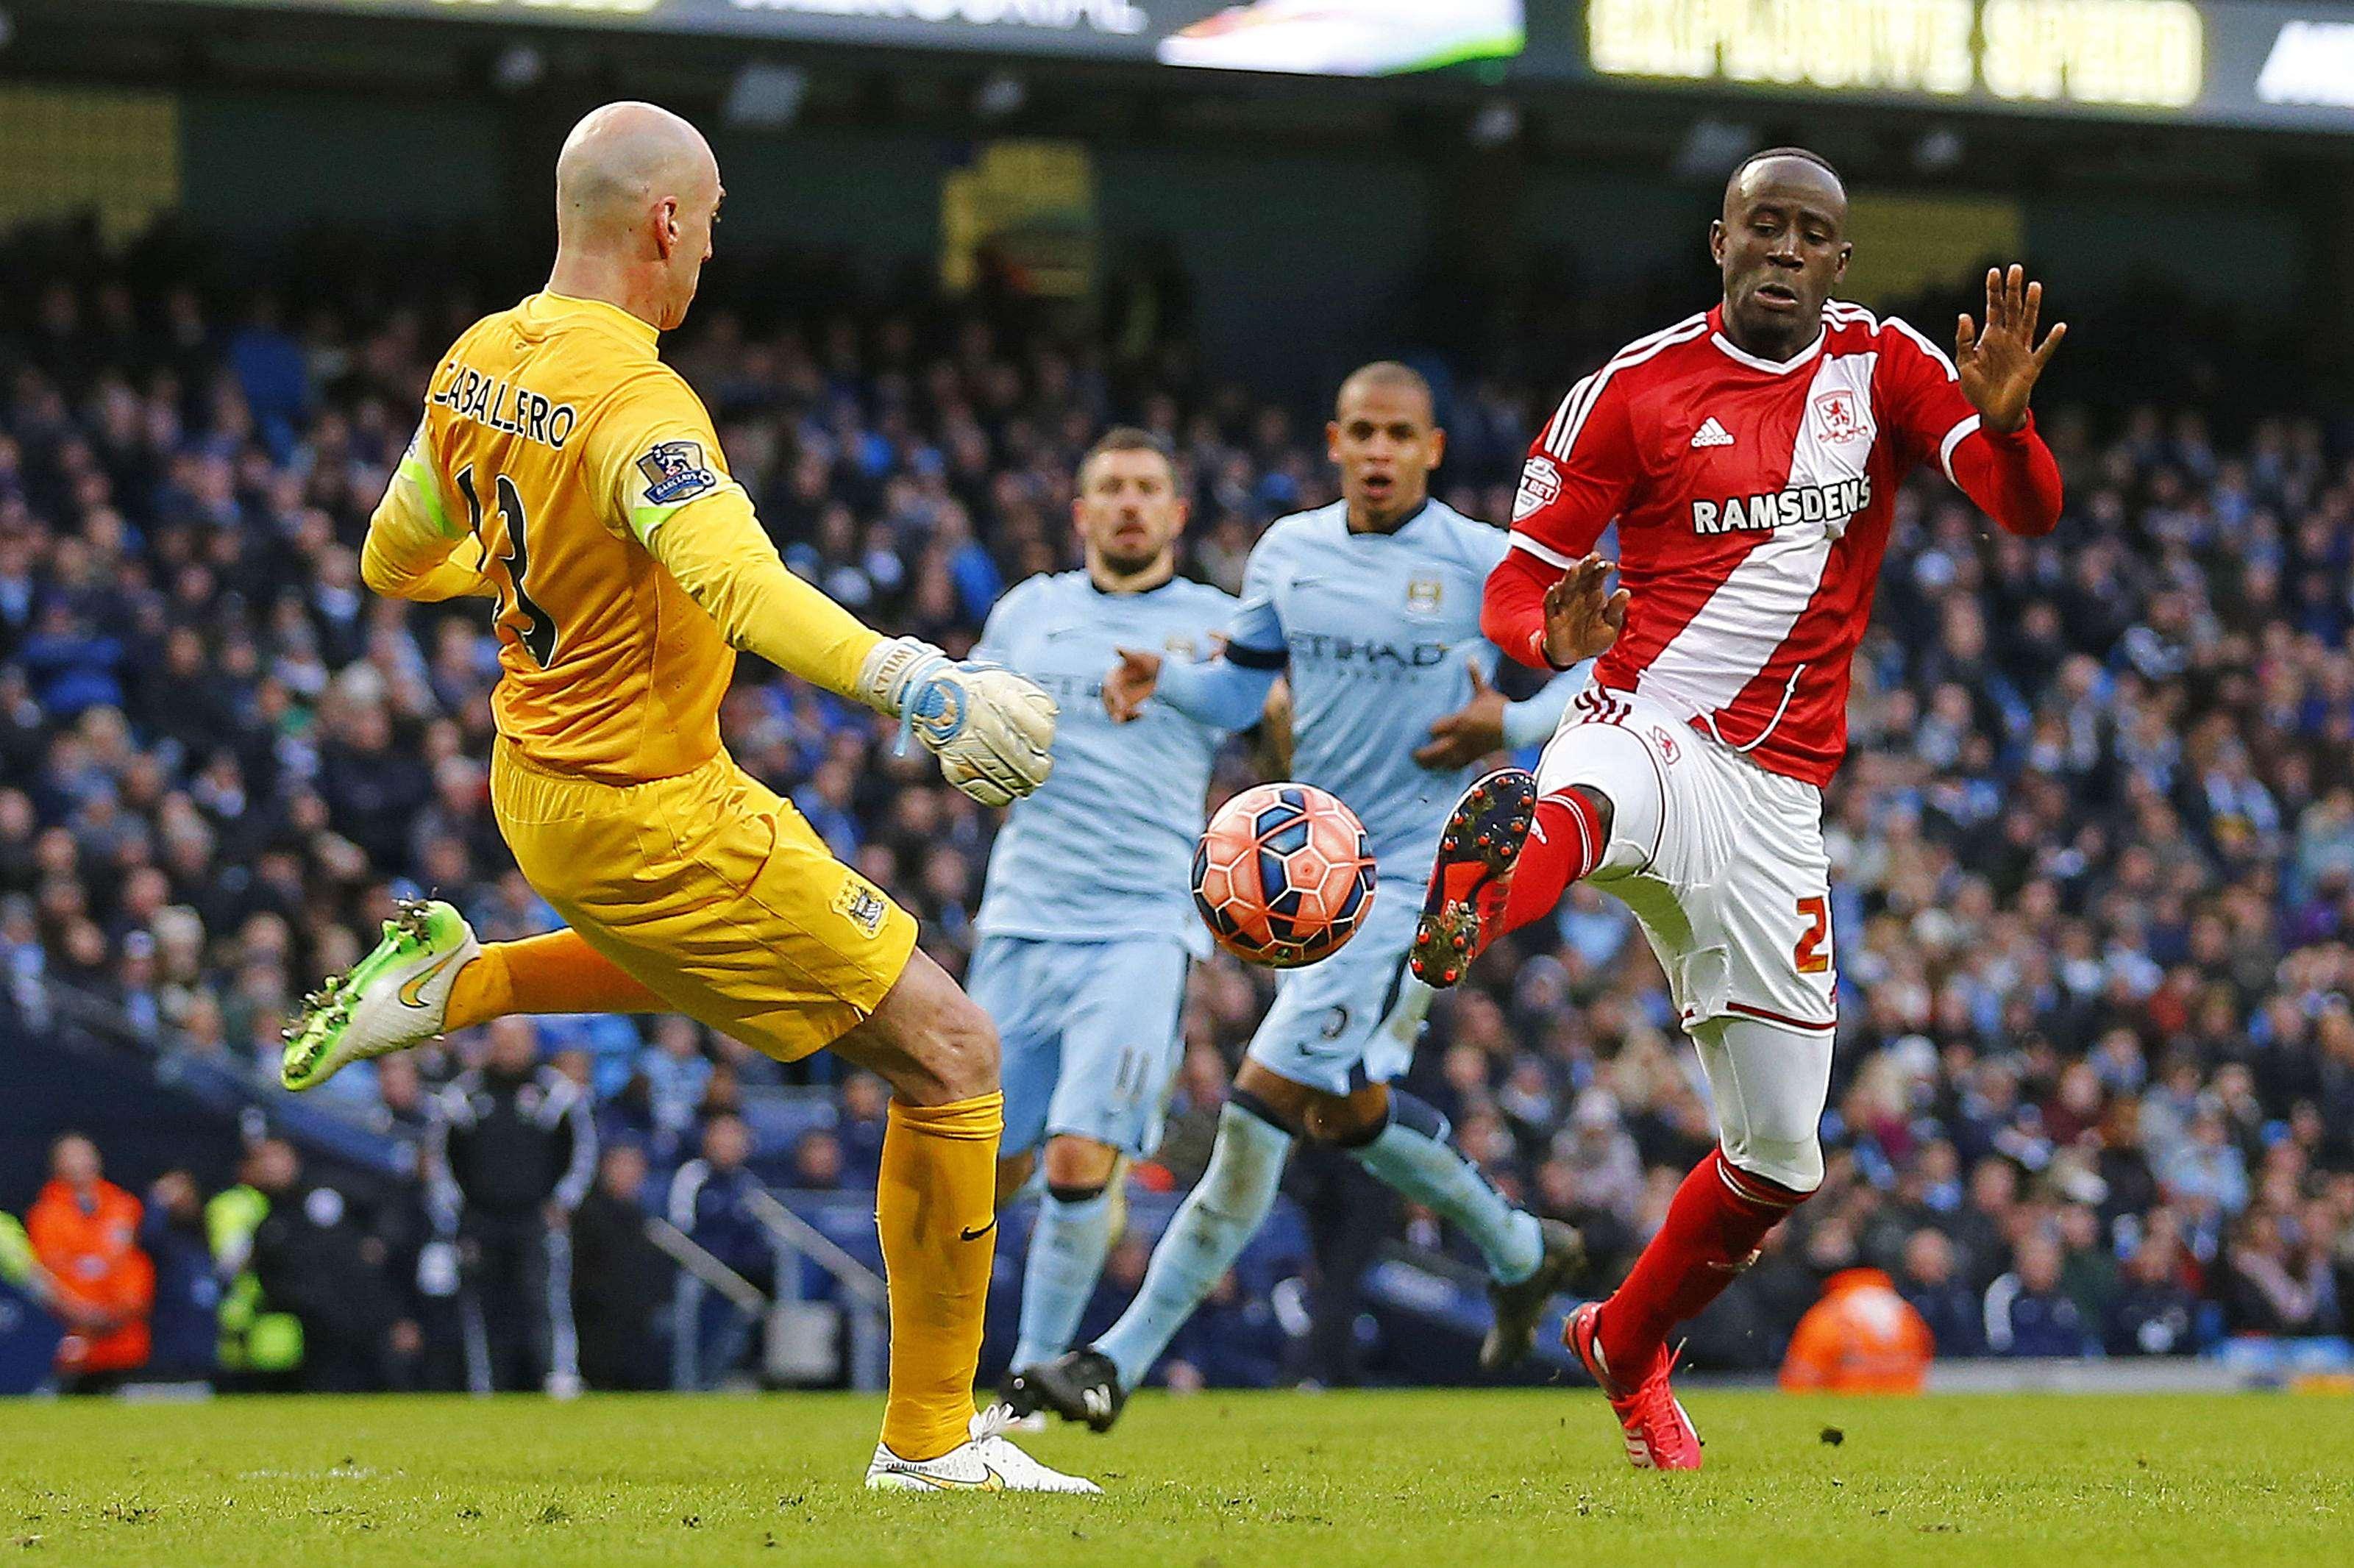 El Manchester City de Manuel Pellegrini perdió 2-0 ante Middlesbrough y quedó eliminado de la FA Cup, sin poder aprovechar la localía y pagó caro un error de Fernando y Willy Caballero. Foto: Reuters en español